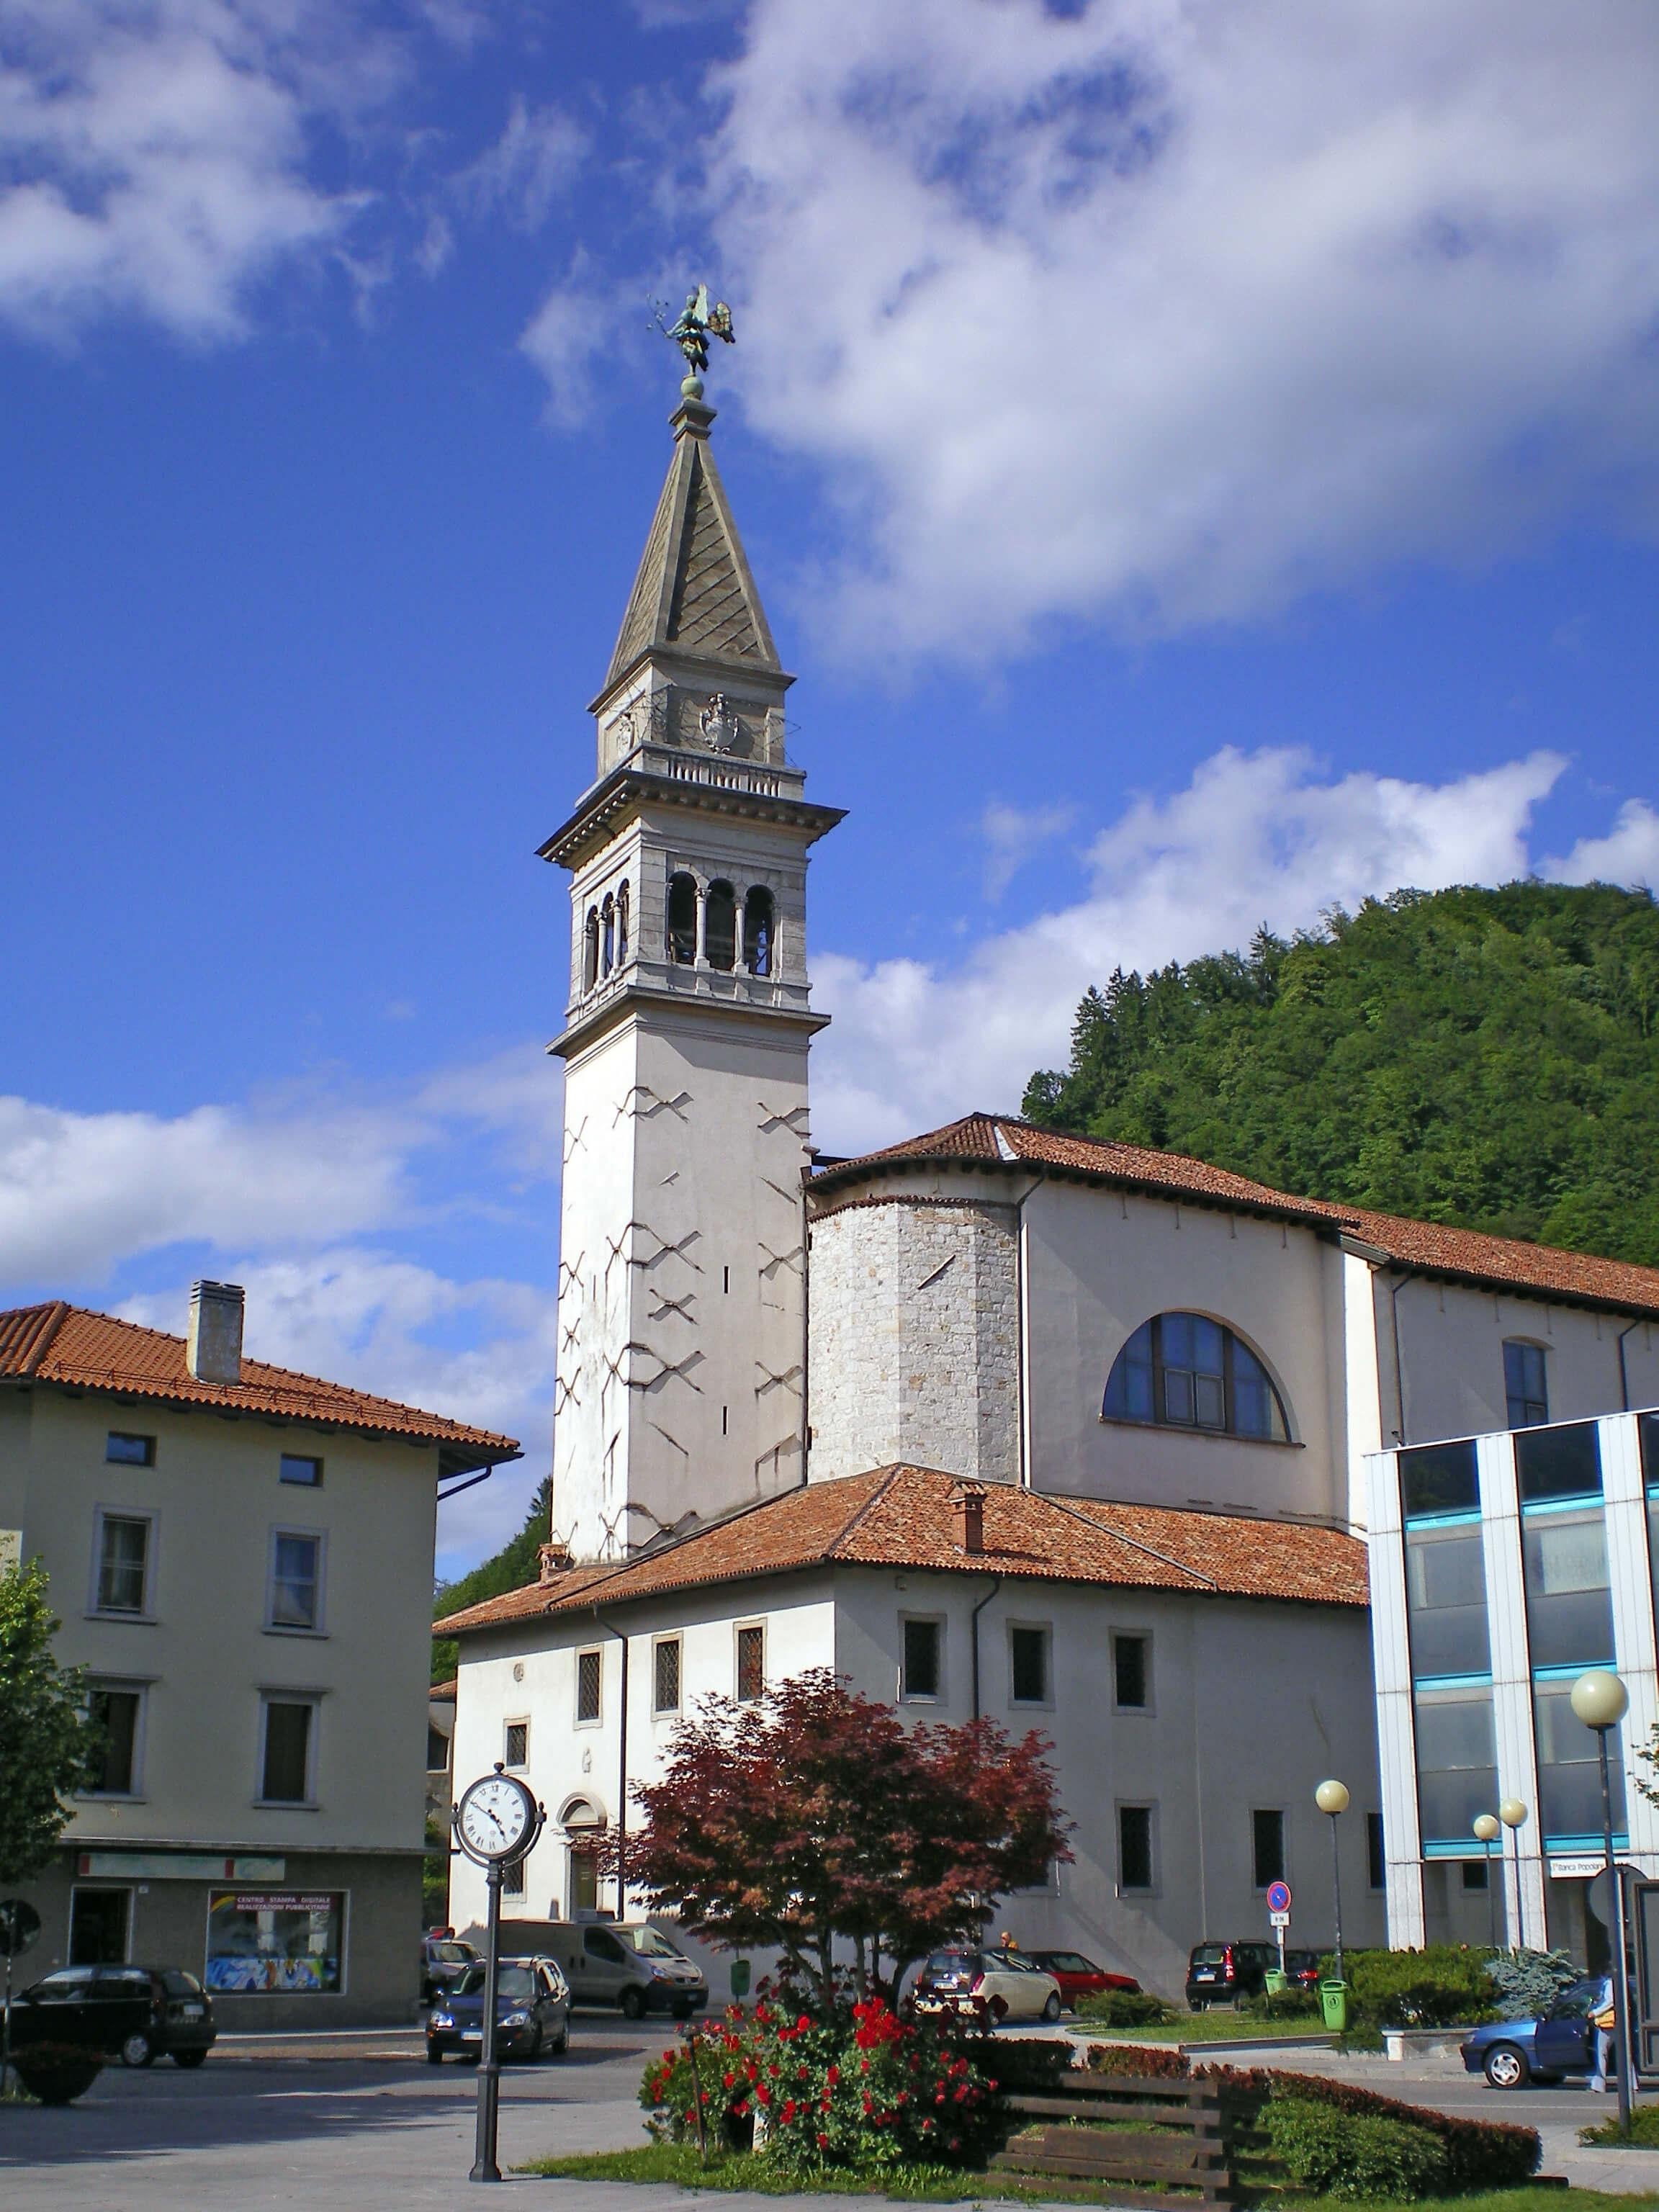 Carnia Tolmezzo